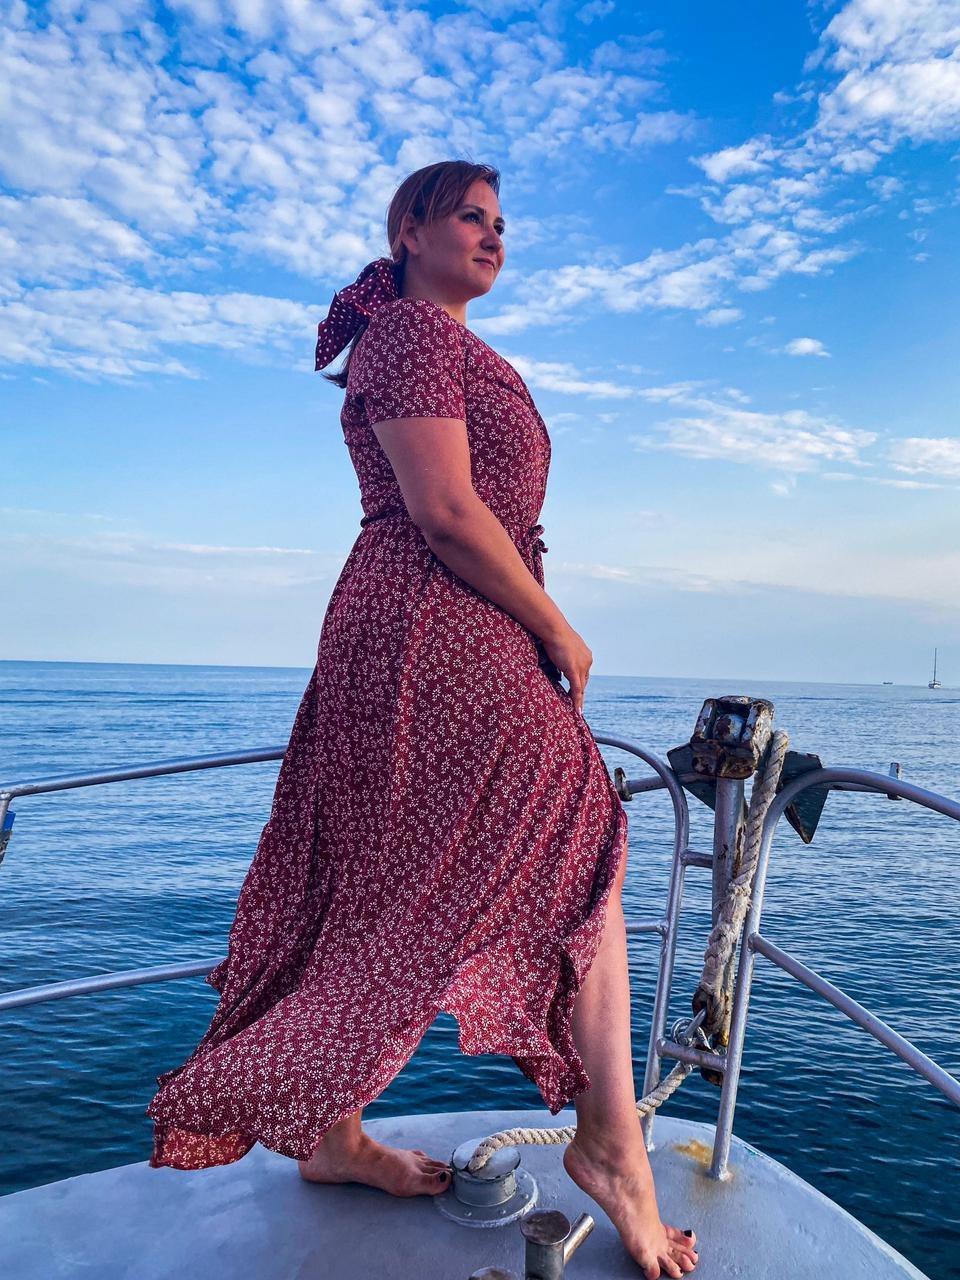 фото «Дальше по плану – Бали и Мальдивы»: первая финалистка фотоконкурса «Жара на Сиб.фм» рассказала о своей страсти к путешествиям 4